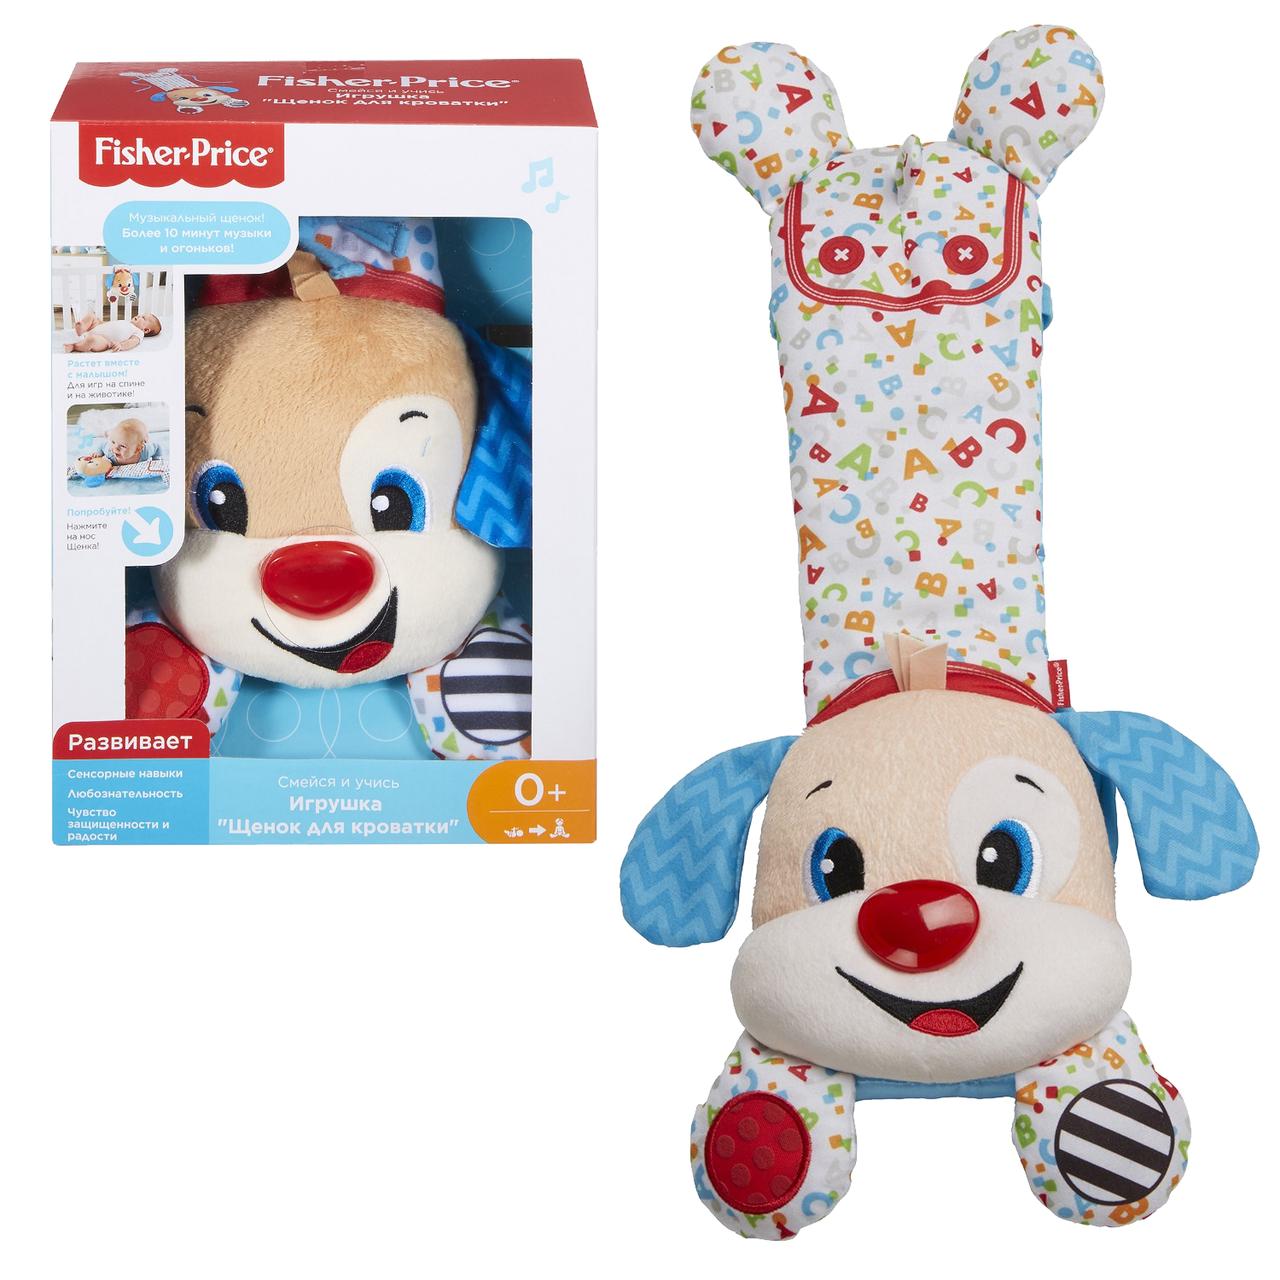 Музыкальная подвесная игрушка Fisher Price Умный щенок для кроватки на русском языке (FTF67)